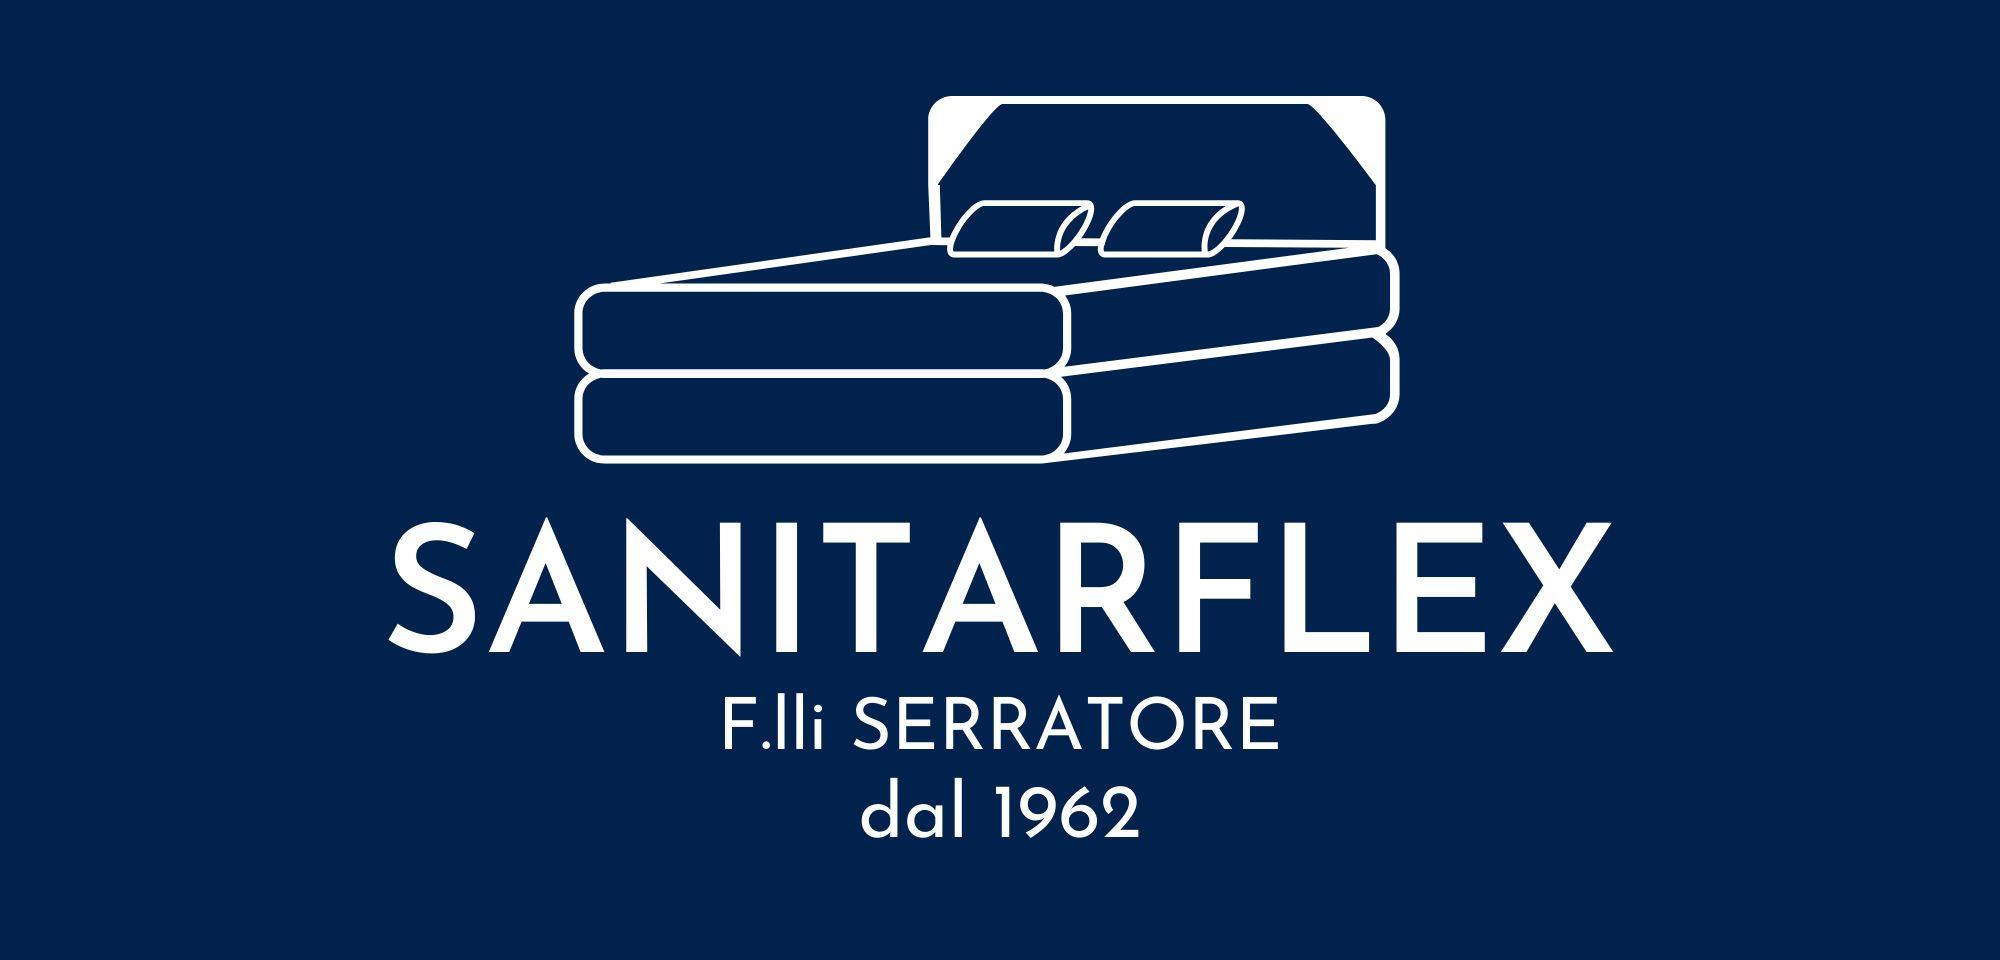 Sanitarflex - Materassi su misura